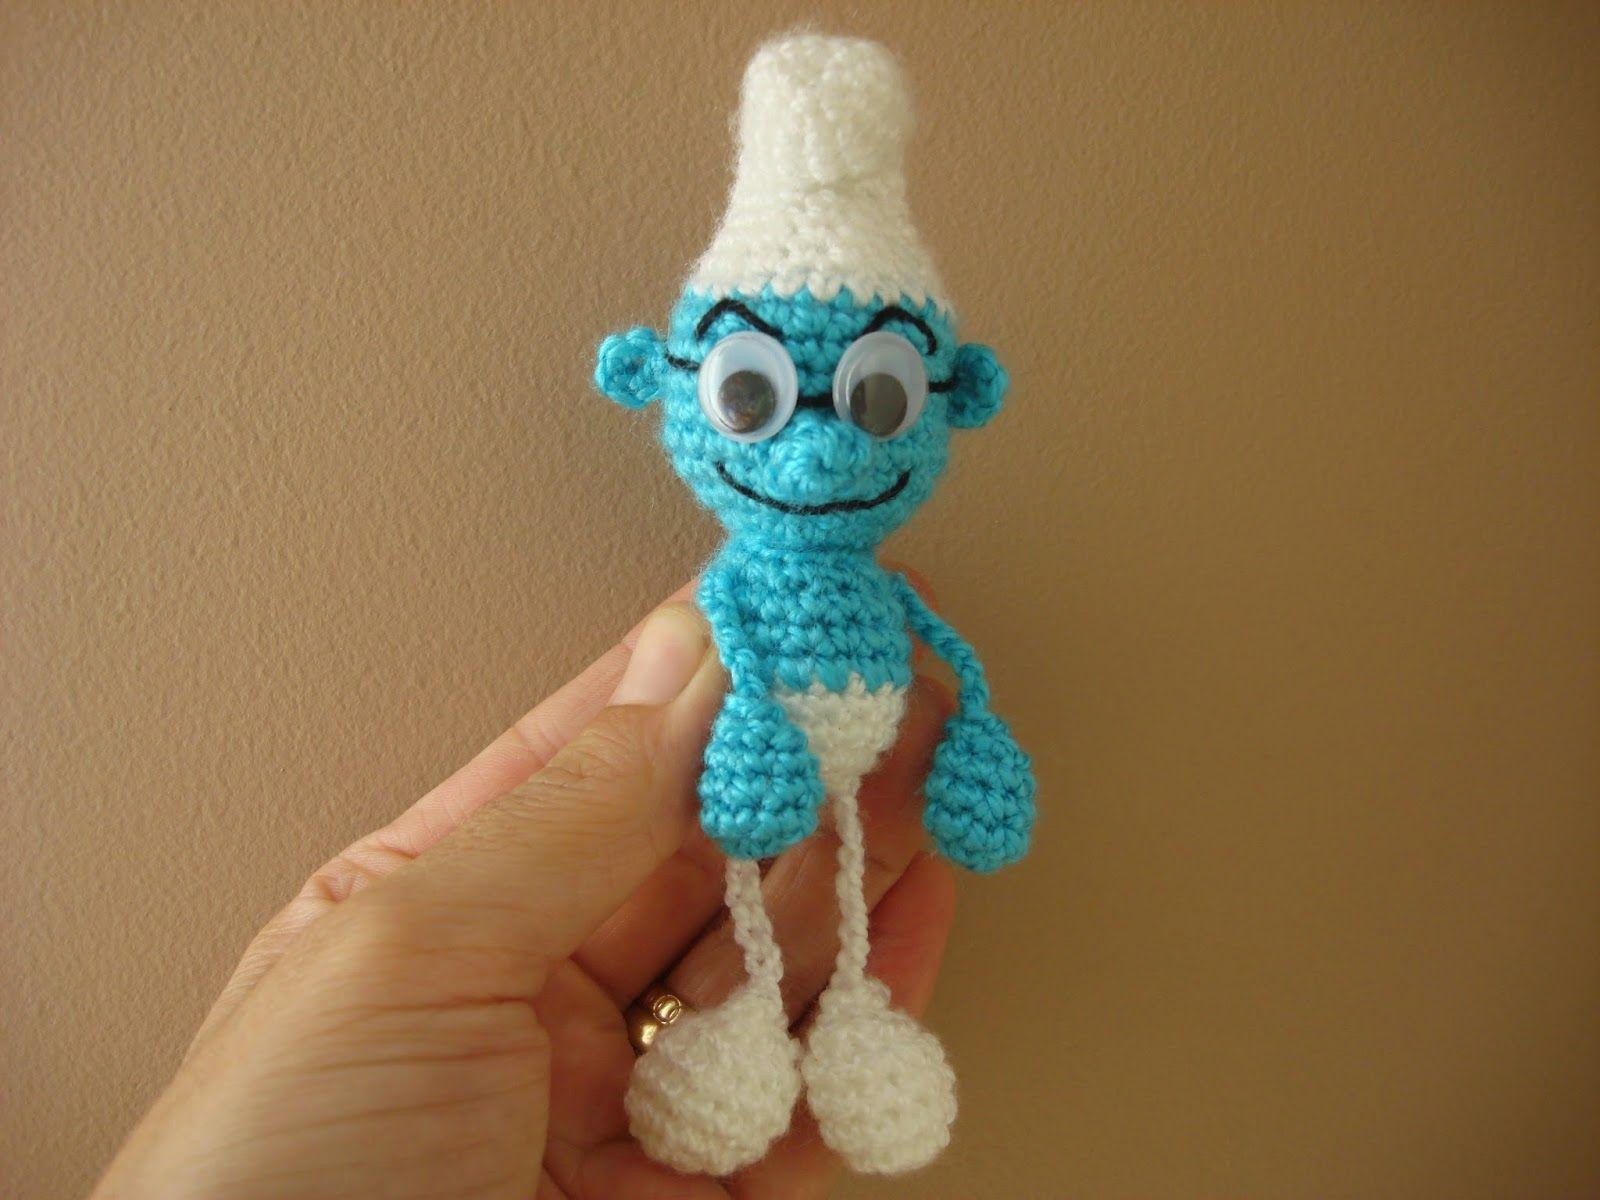 Canal crochet pitufo amigurumi patrn libre haken amigurumi canal crochet pitufo amigurumi patrn libre bankloansurffo Image collections